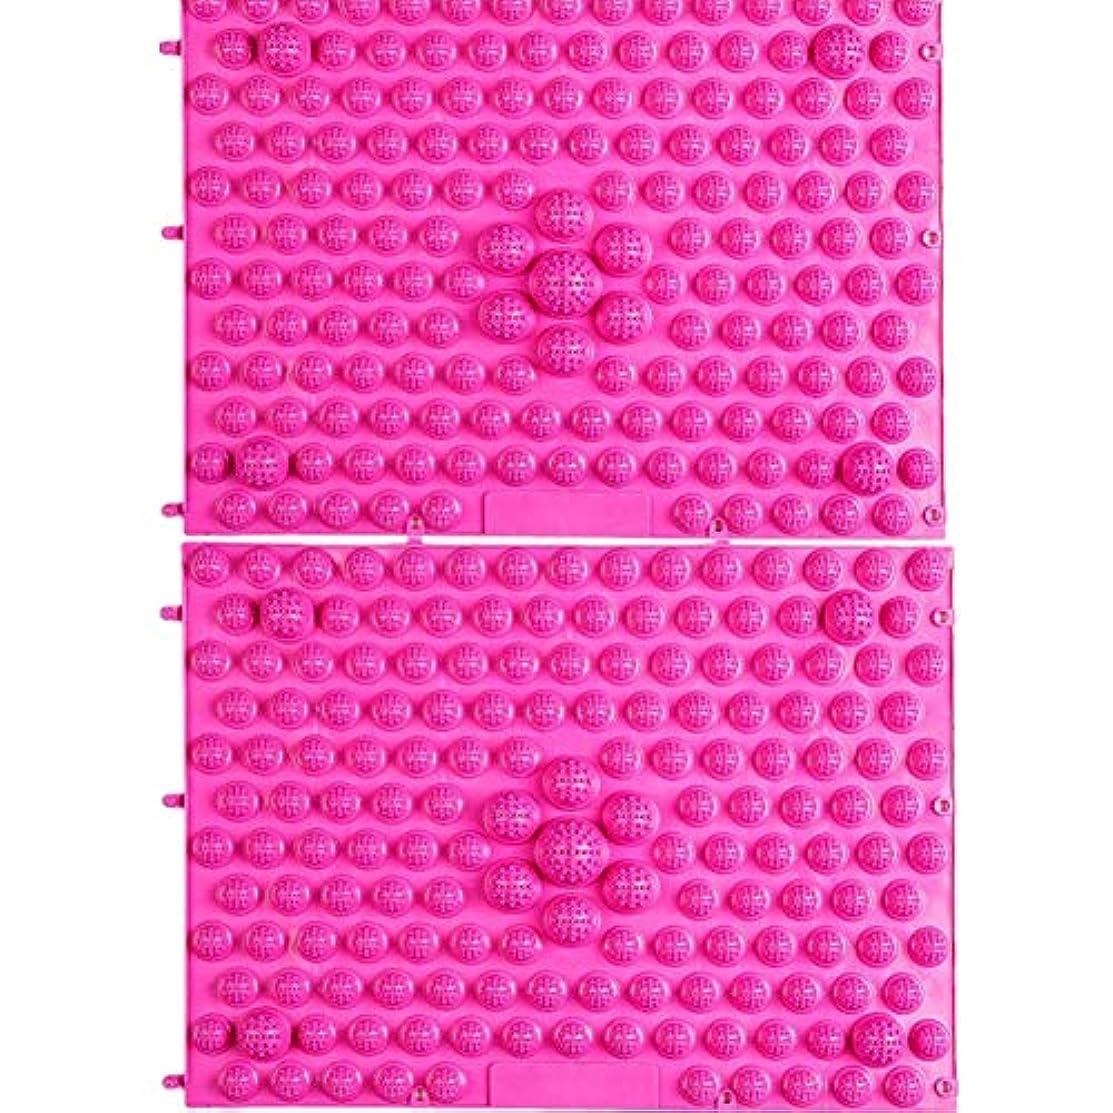 液体圧縮組立wompolle マッサージ?ツボ押しグッズ 生活に刺激と健康を!足つぼキャニオンマット マッサージ屋さんの健康マット ドラゴンマット 足踏み 足ツボ 2枚組 (Pink)